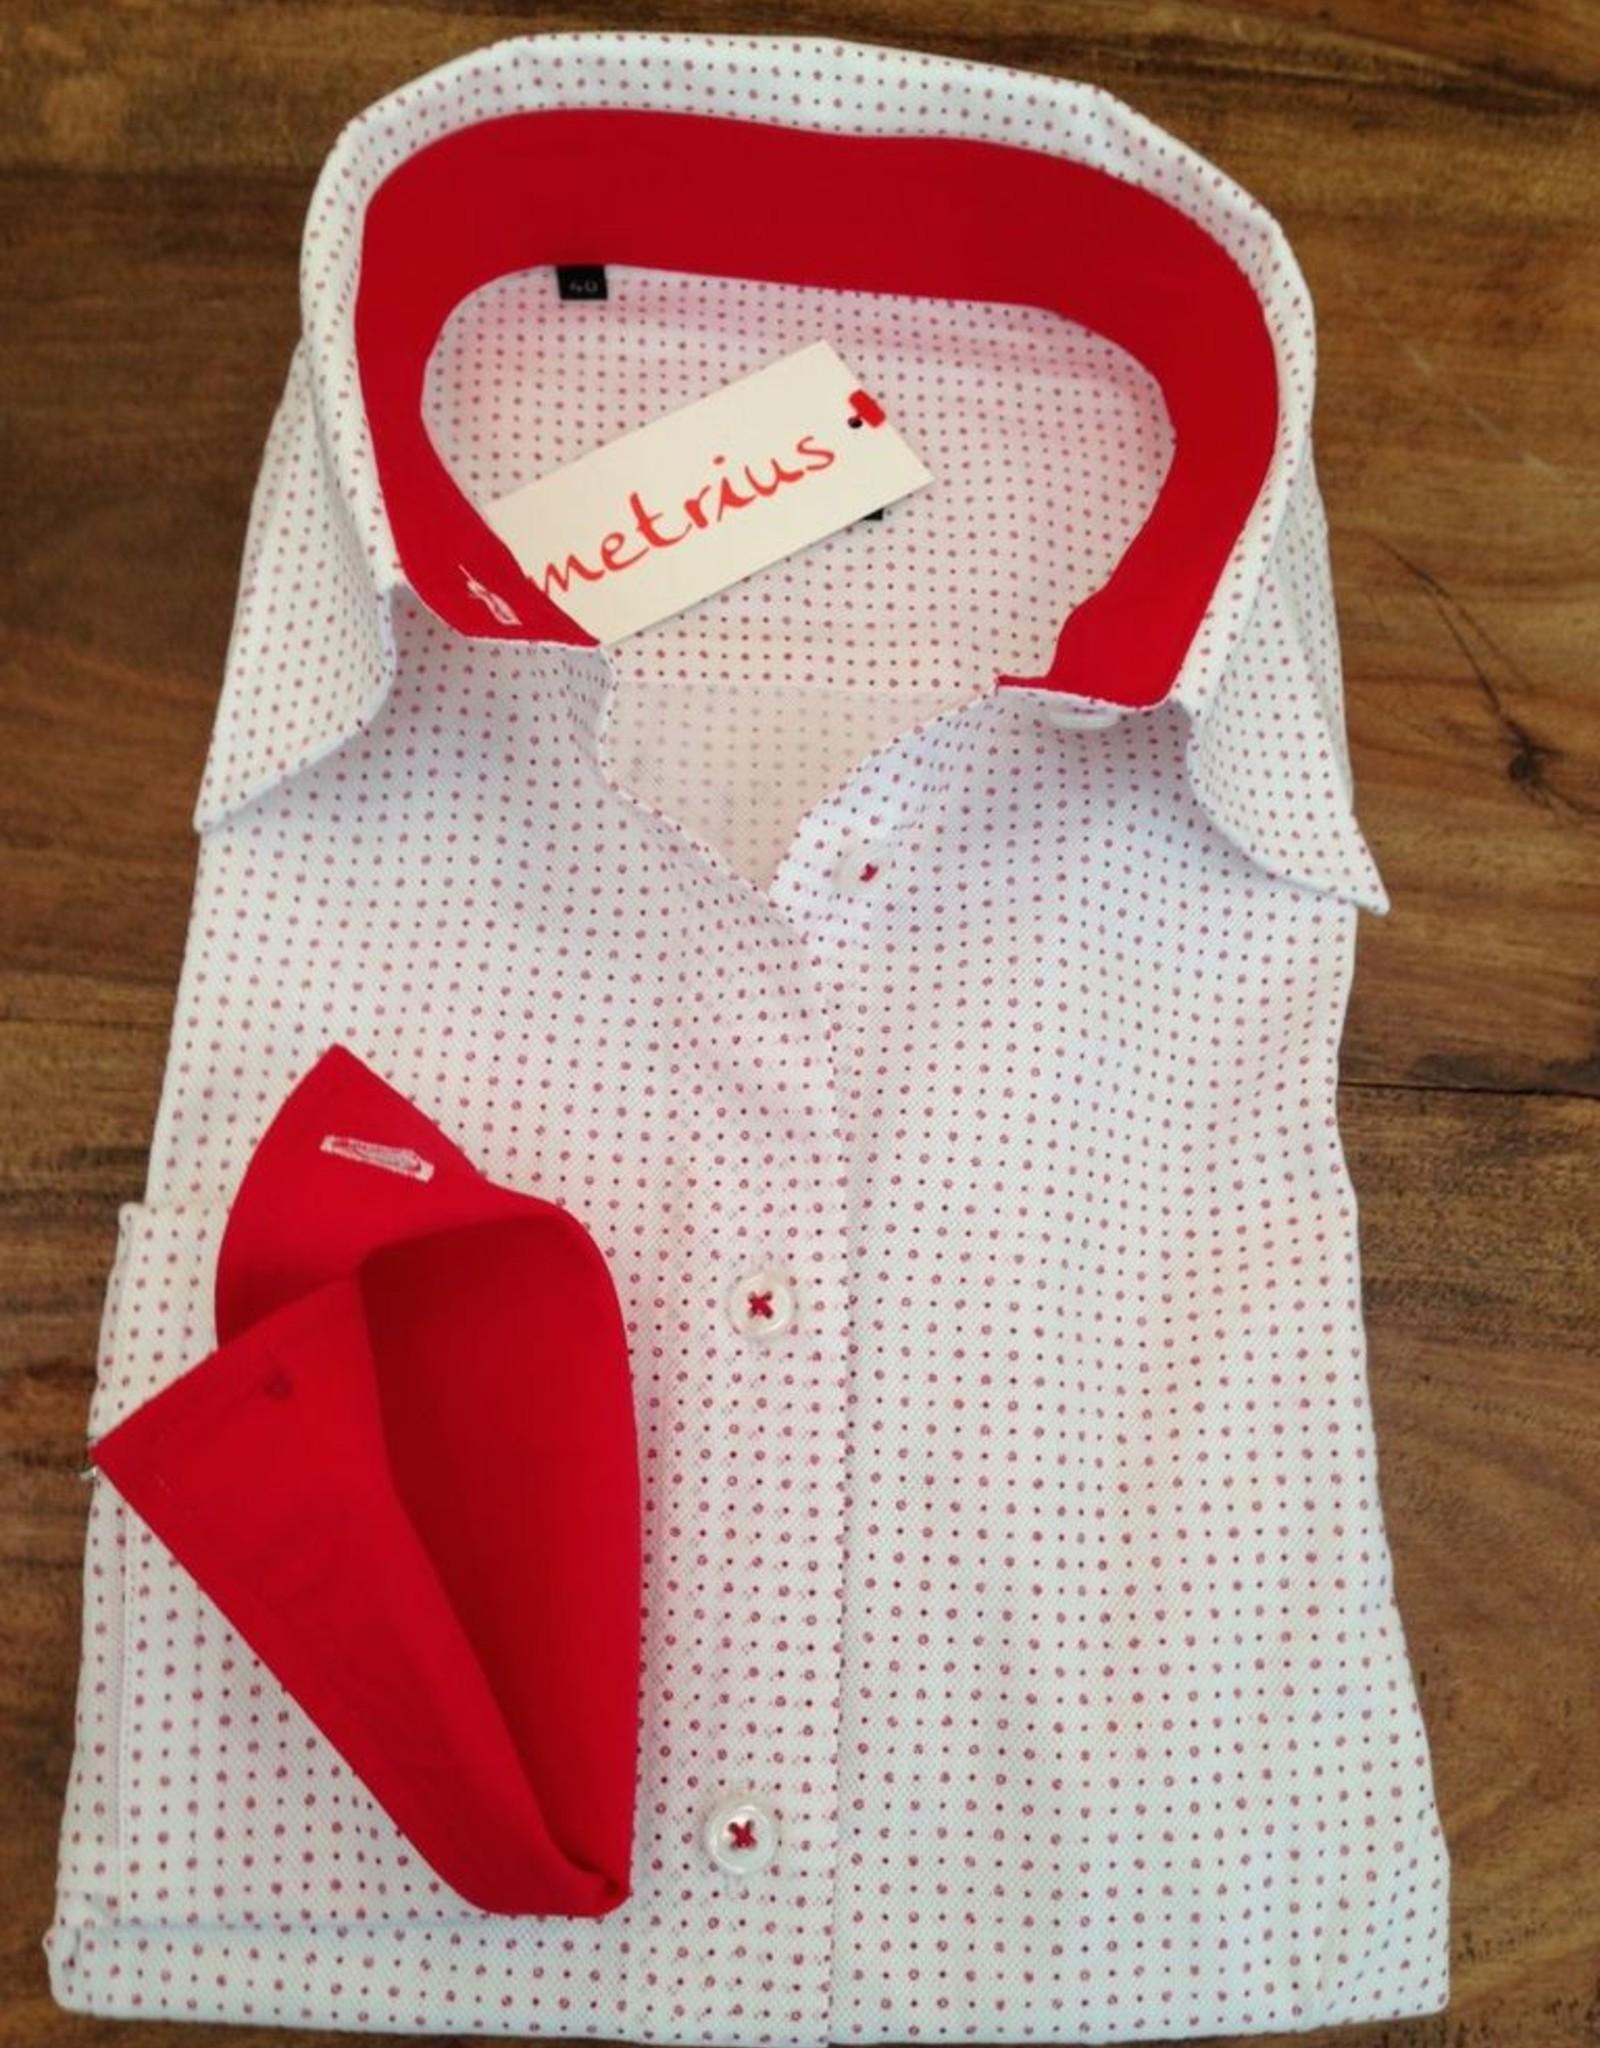 Kauf Kauf Damen Bluse stark tailliert, 100%BW, achtung, eune nummer grösser kaufen!